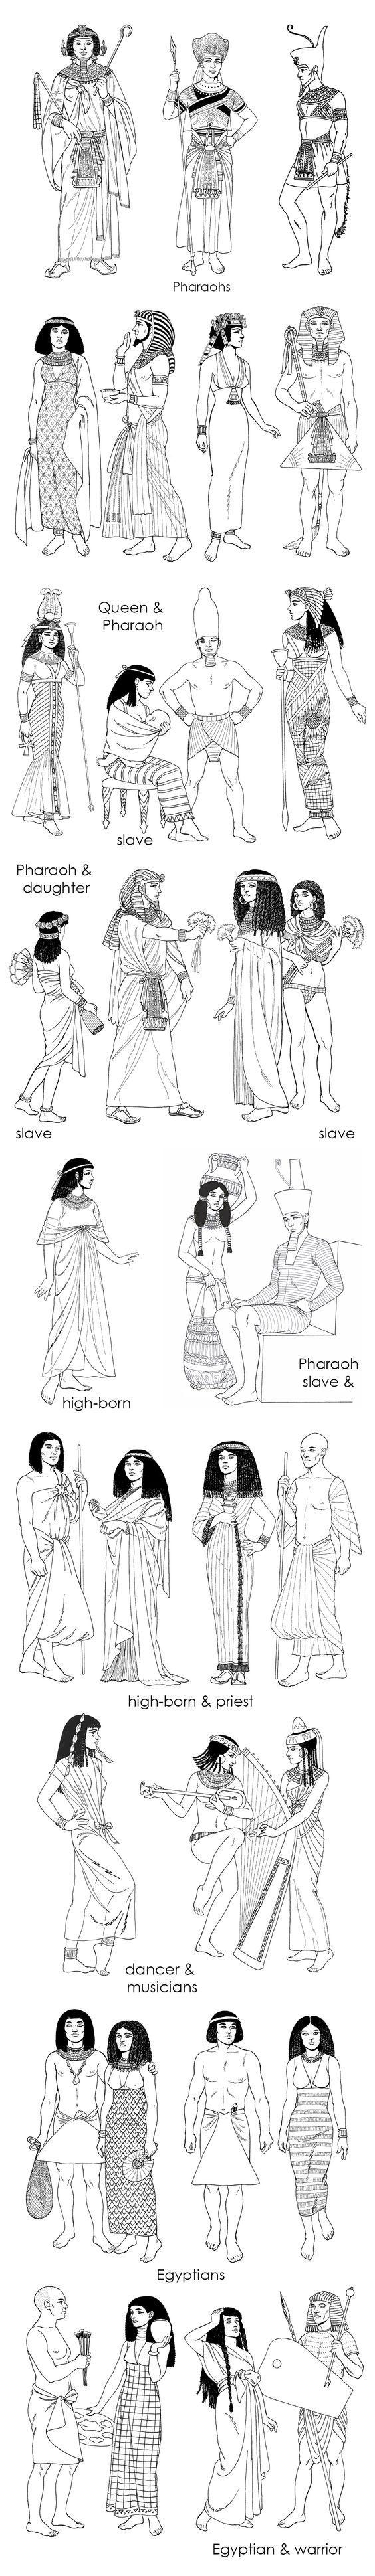 Gli Arcani Supremi (Vox clamantis in deserto - Gothian): Abbigliamento e moda nell'Antico Egitto